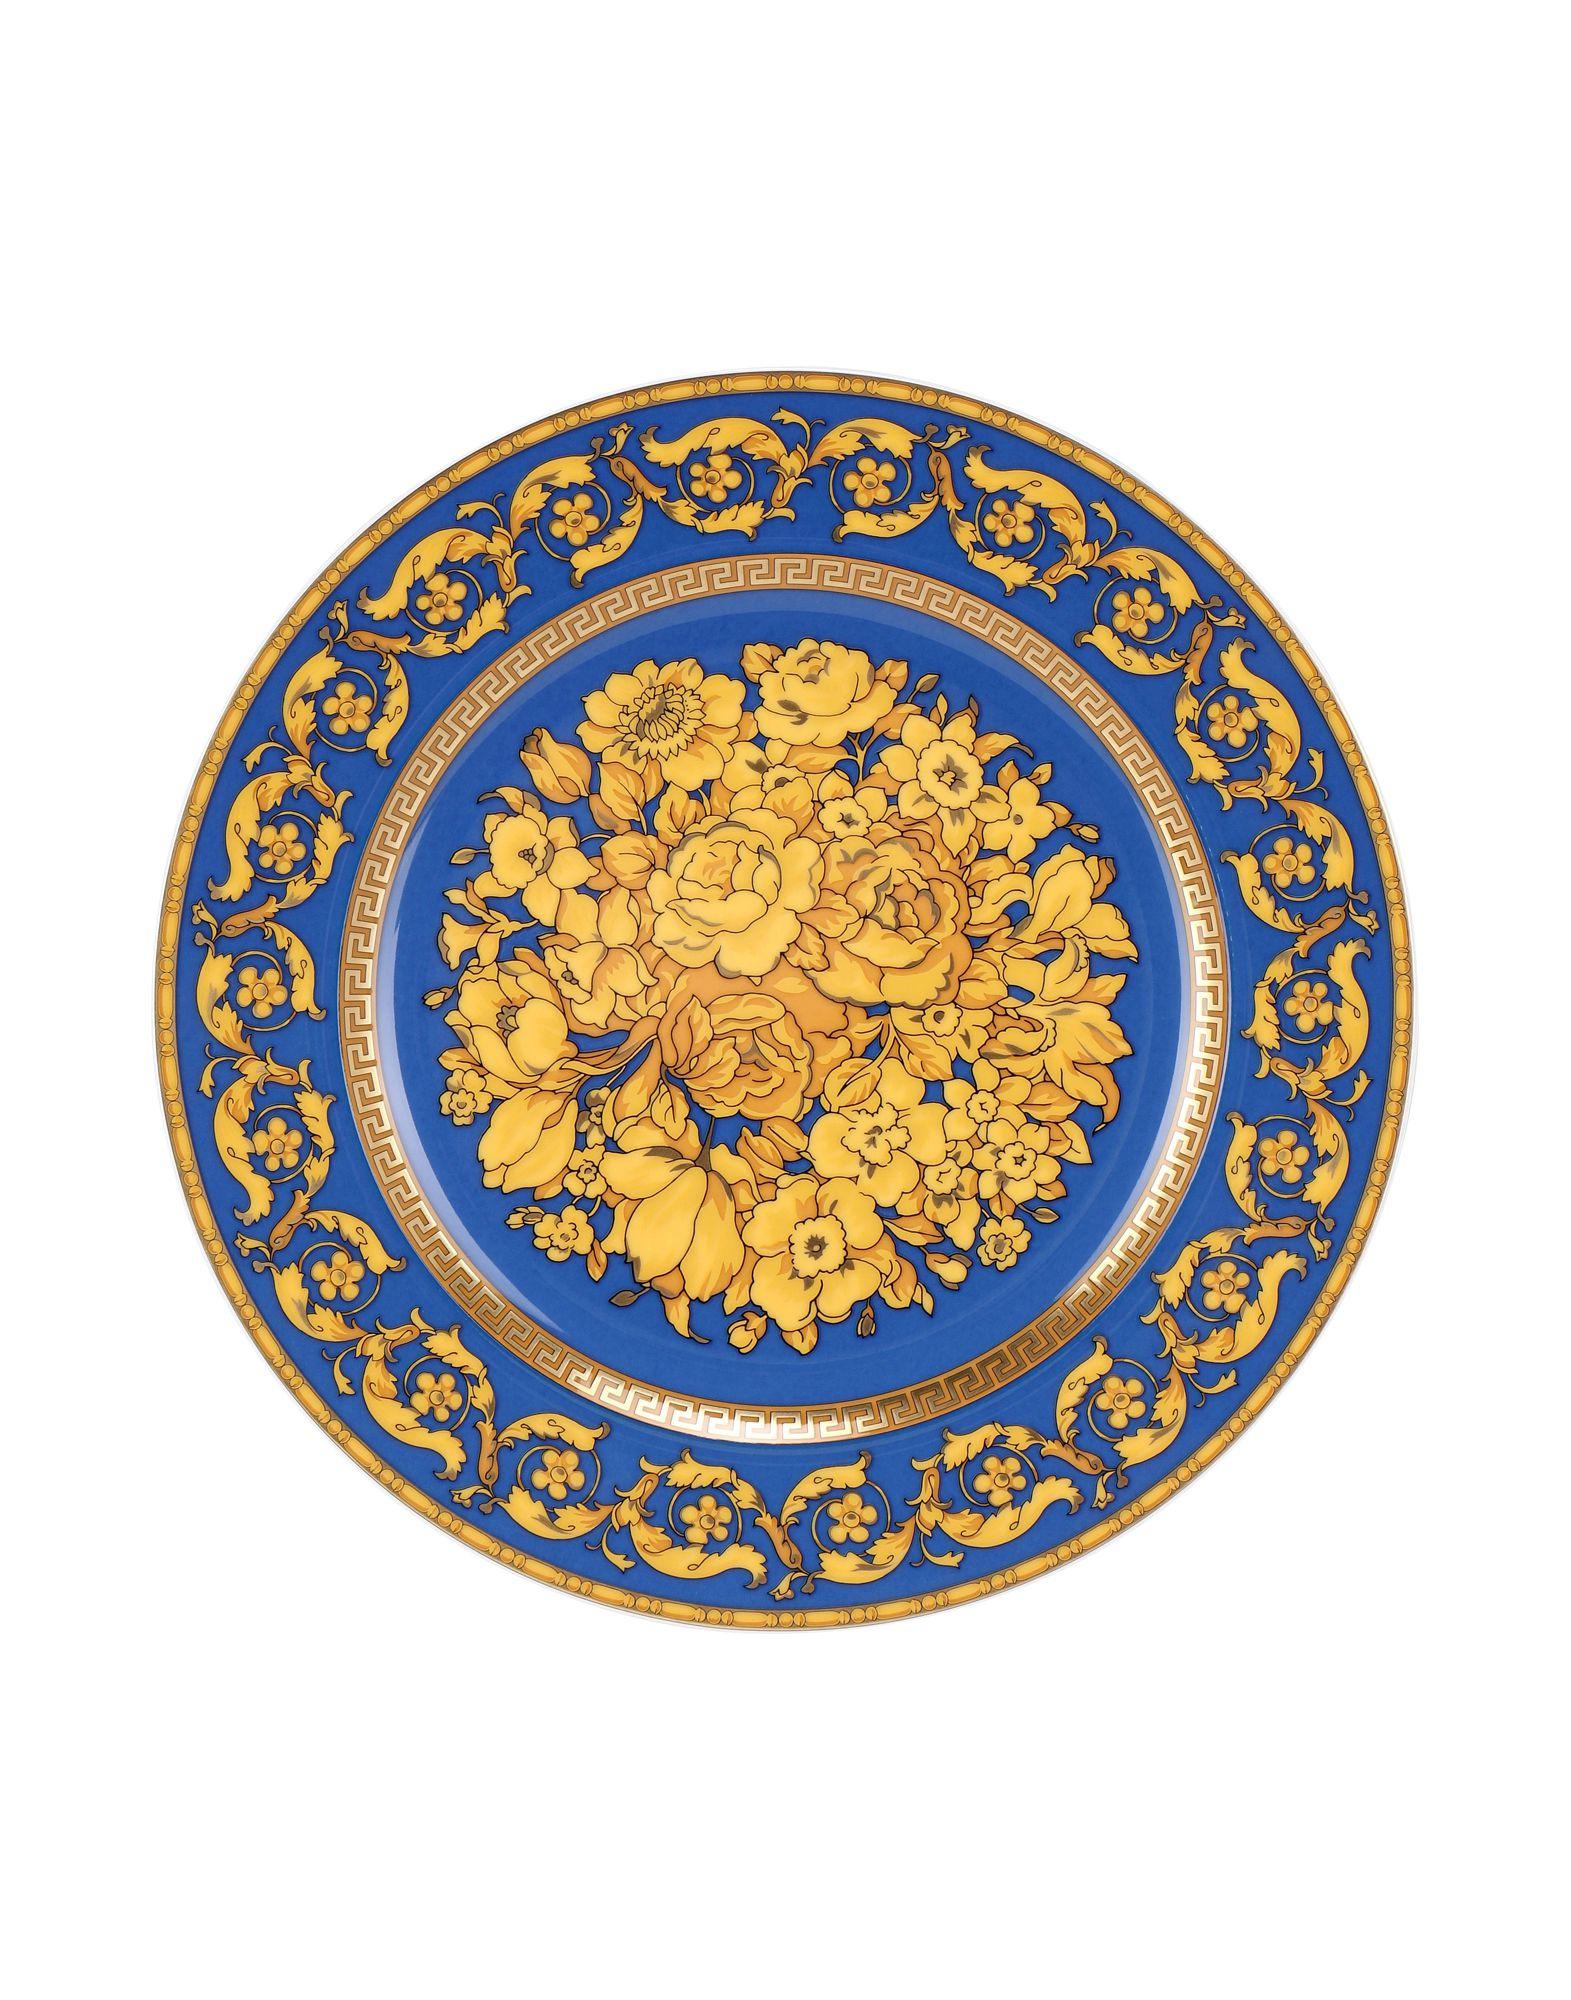 Фото - VERSACE Декоративная тарелка декоративная тарелка w s george fine china декоративная коллекционная тарелка парящее великолепие хищные птицы северный ястреб тетеревятник фа